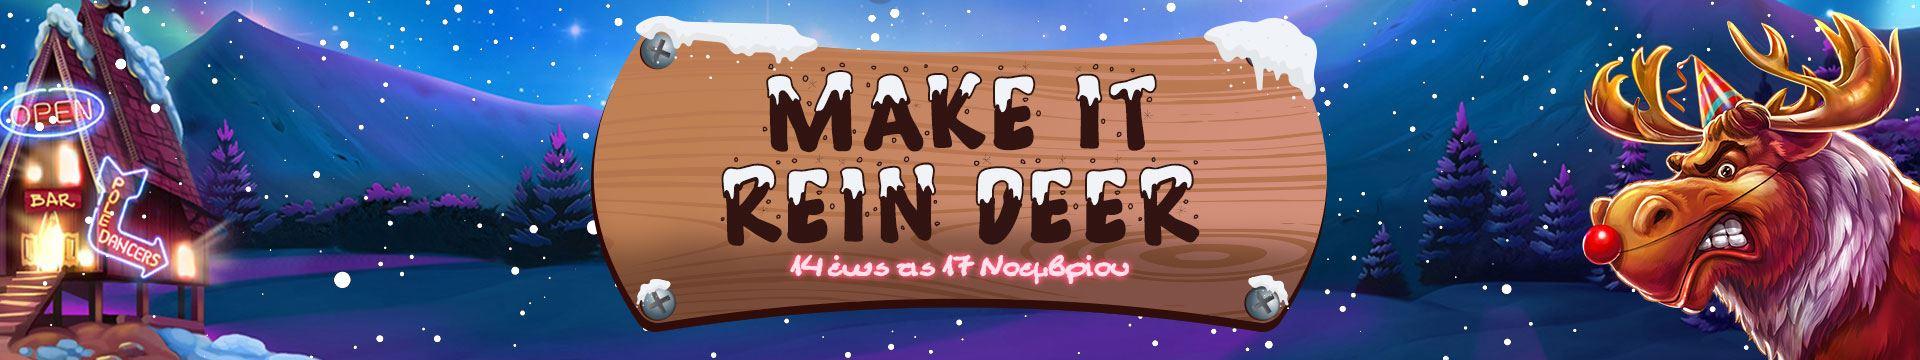 Make_it_rein_deer